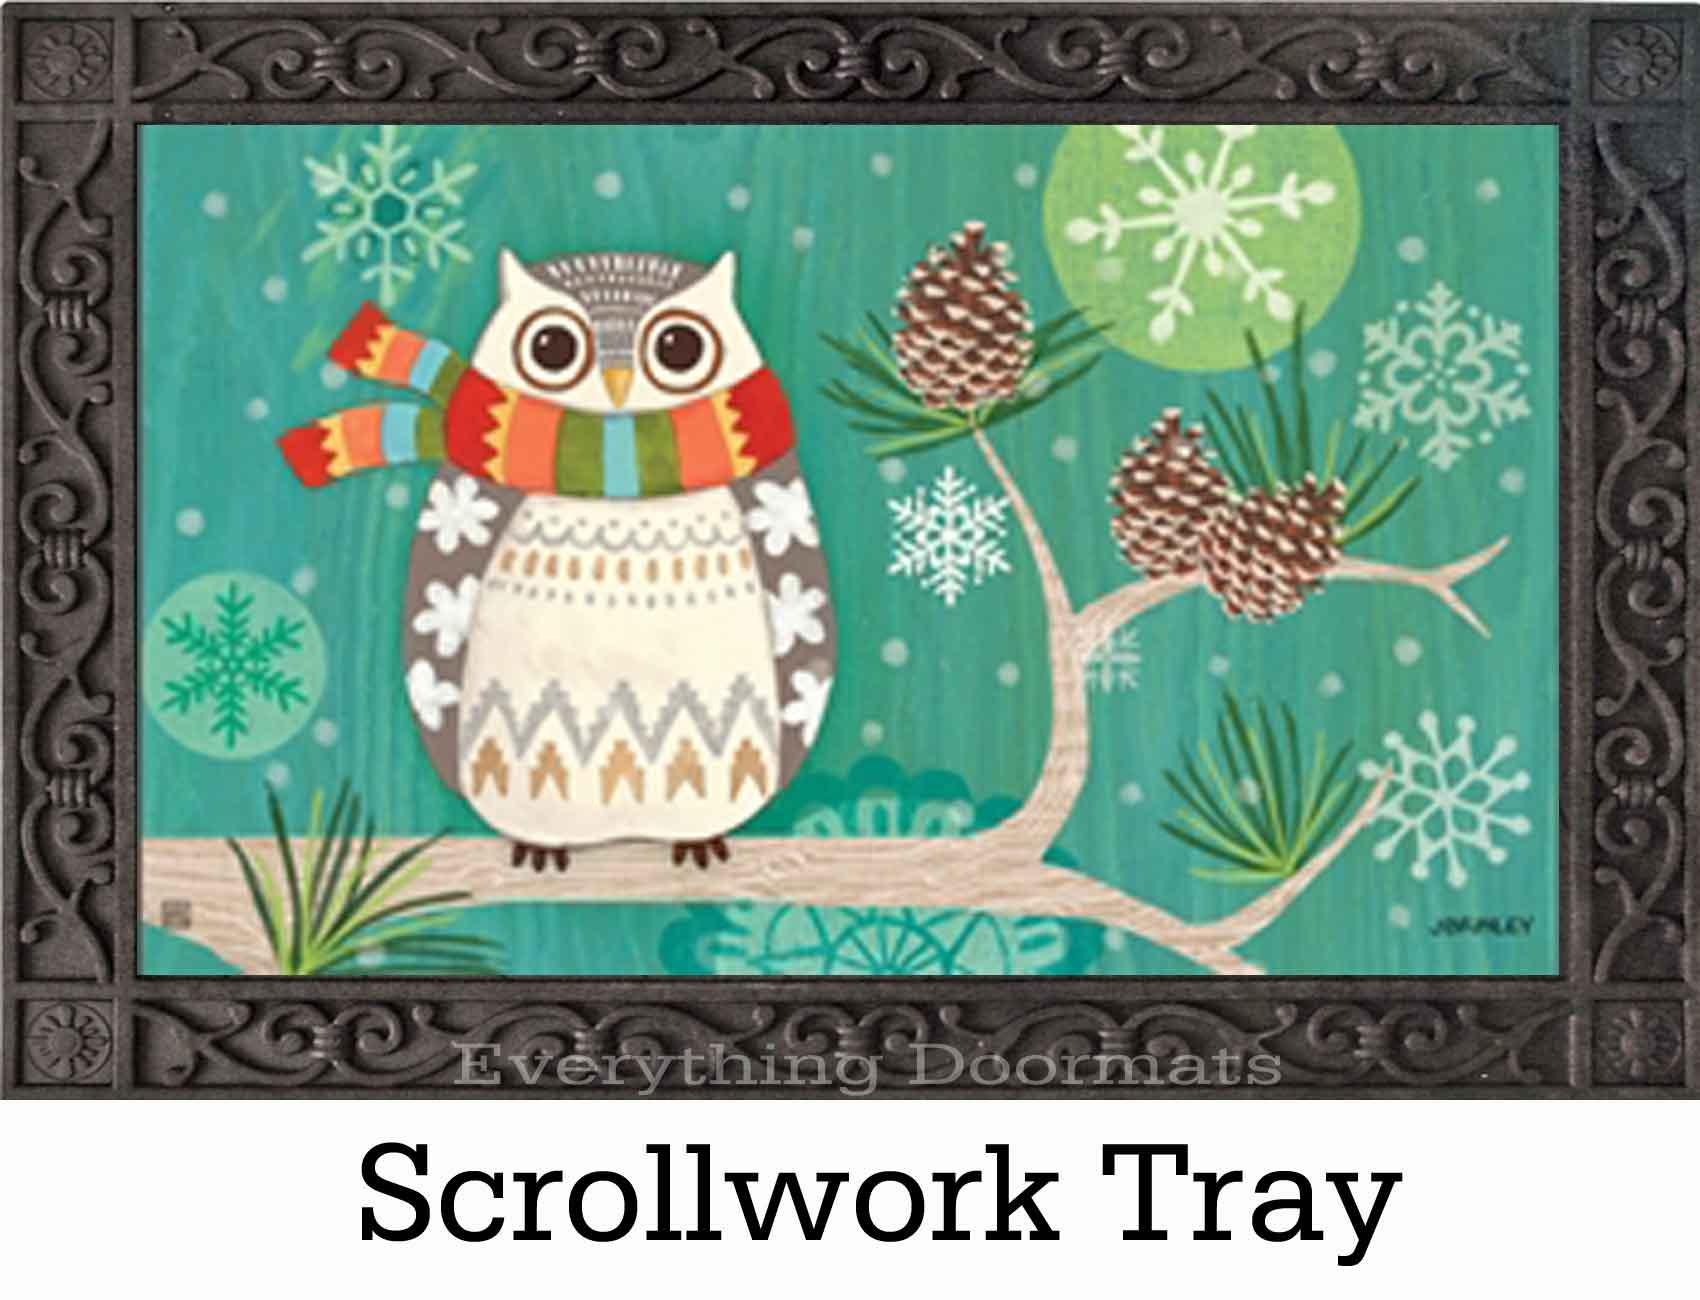 Indoor outdoor winter owl matmates doormat 18 x 30 for Best doormat for snow